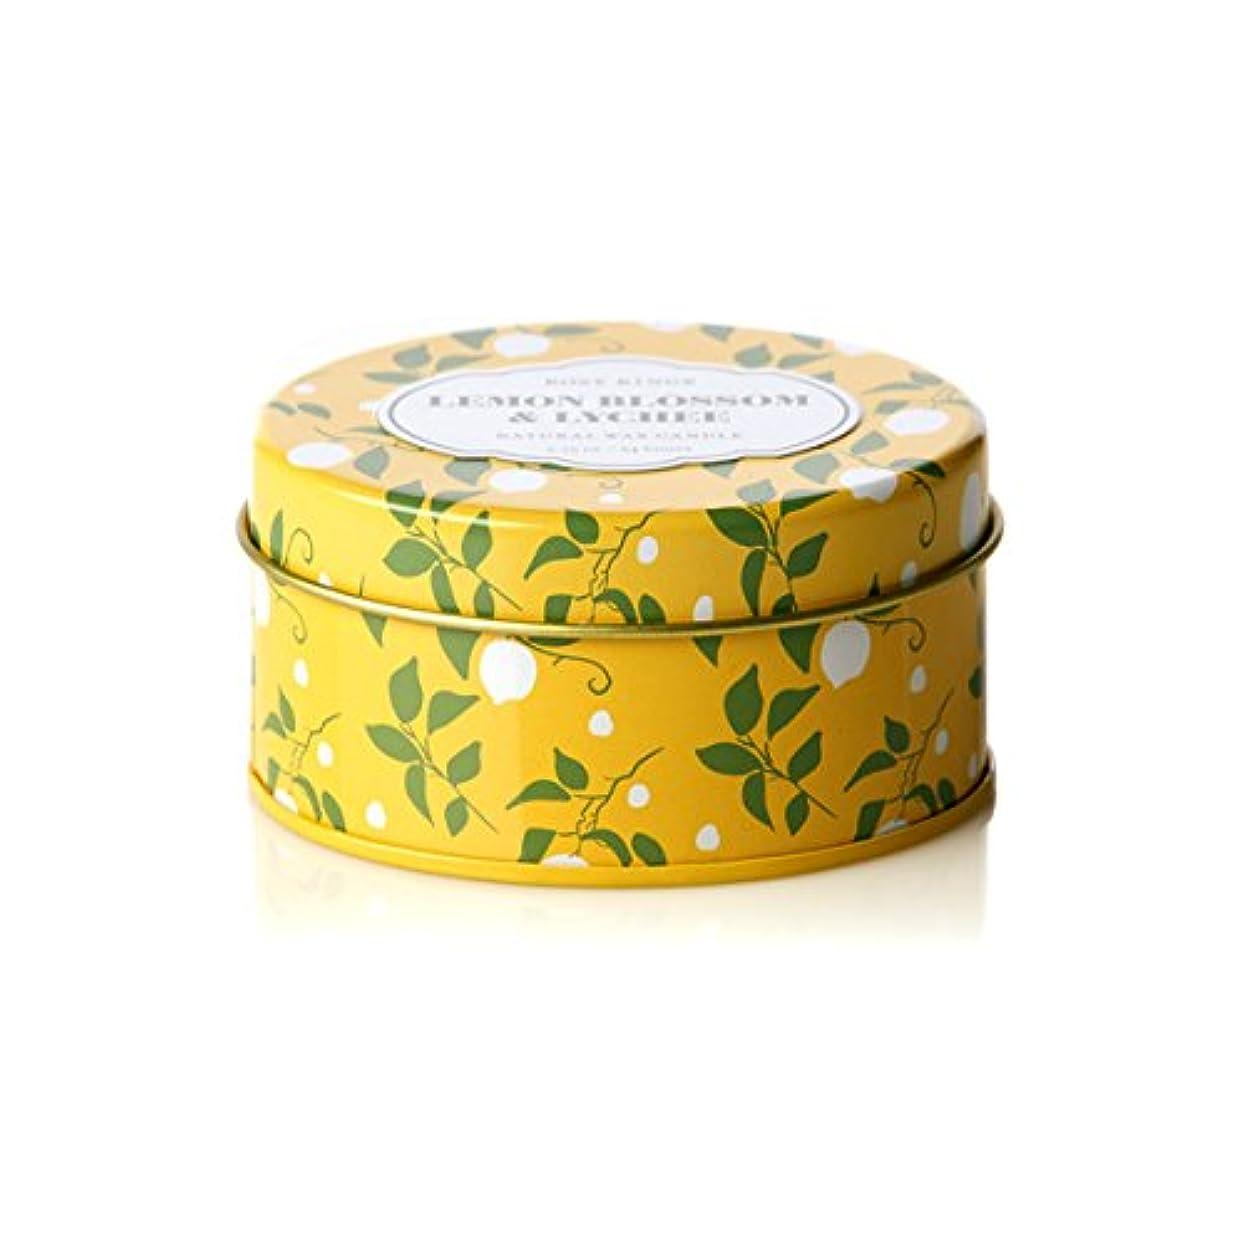 オーバードロー肘掛け椅子そのロージーリングス トラベルティンキャンドル レモンブロッサム&ライチ ROSY RINGS Lemon Blossom & Lychee Travel Tin